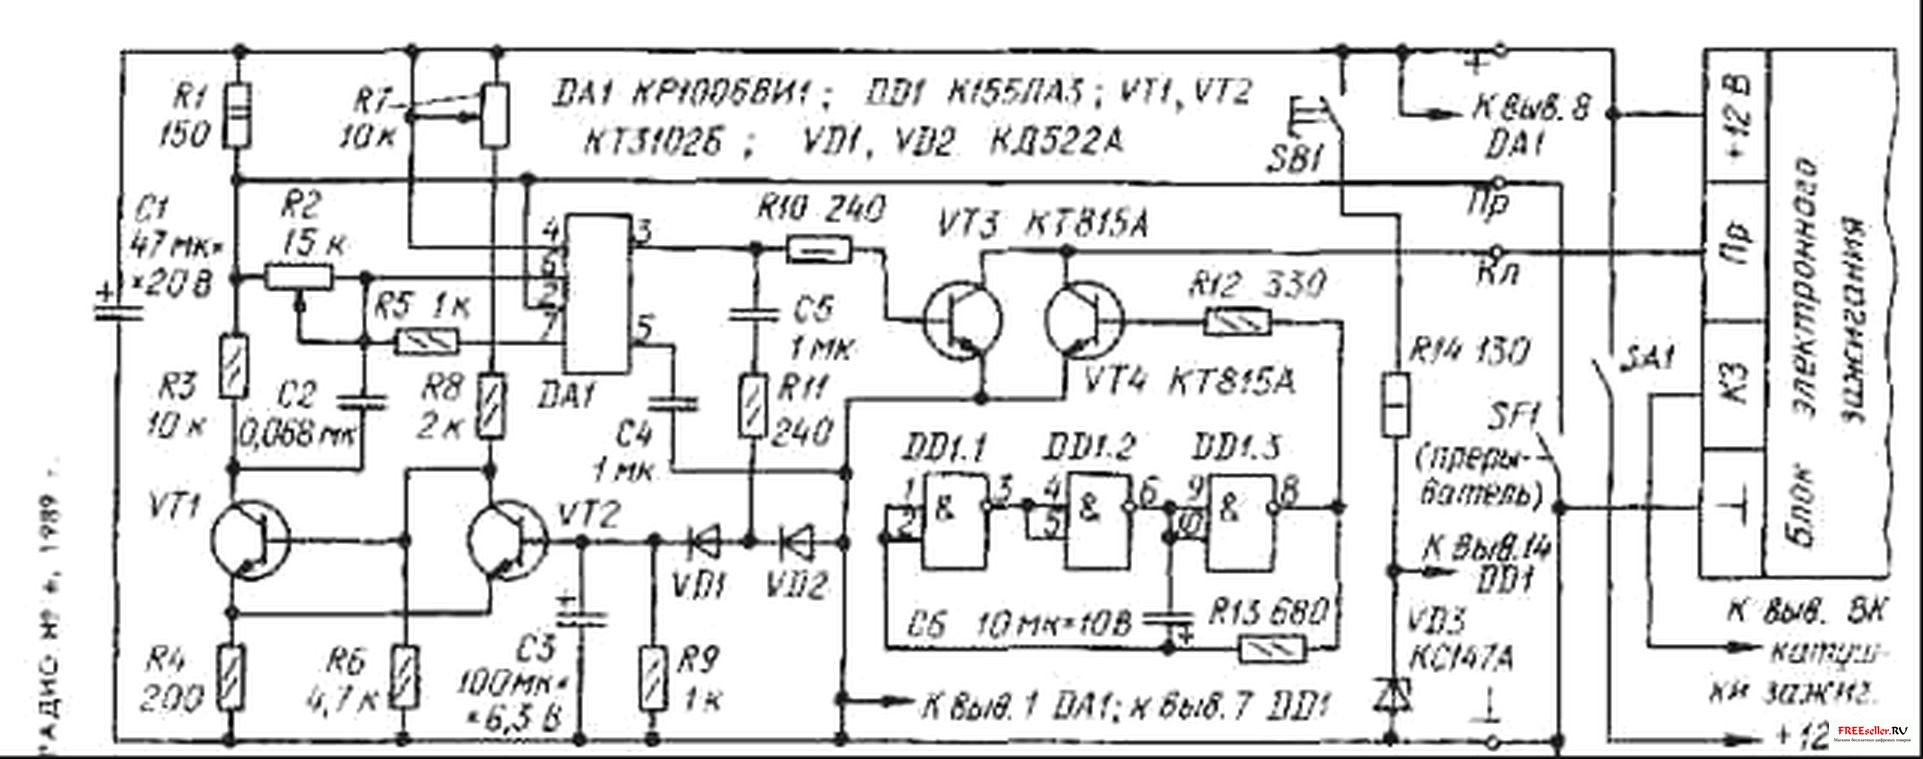 Принципиальная схема октан-корректора.